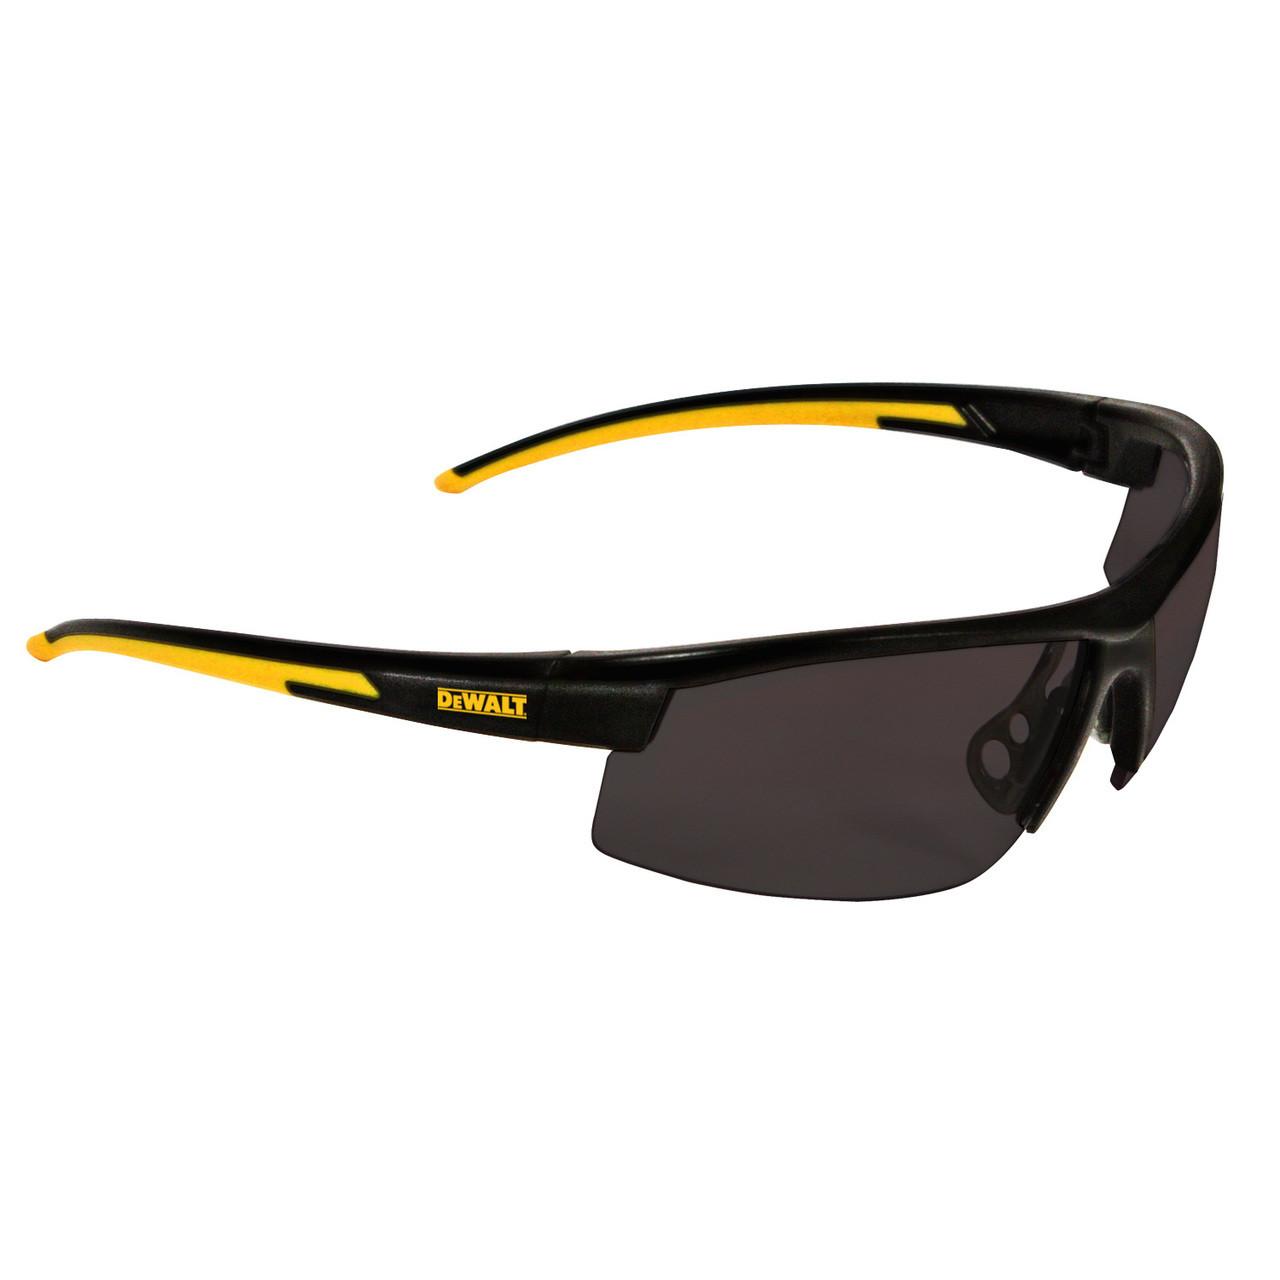 af70e293429 DeWalt DPG99 HDP Polarized Safety Glass Black Frame - Smoke. Shop now!  Loading zoom. DeWalt DPG99 HDP Polarized Safety Glass Black Frame - Smoke.